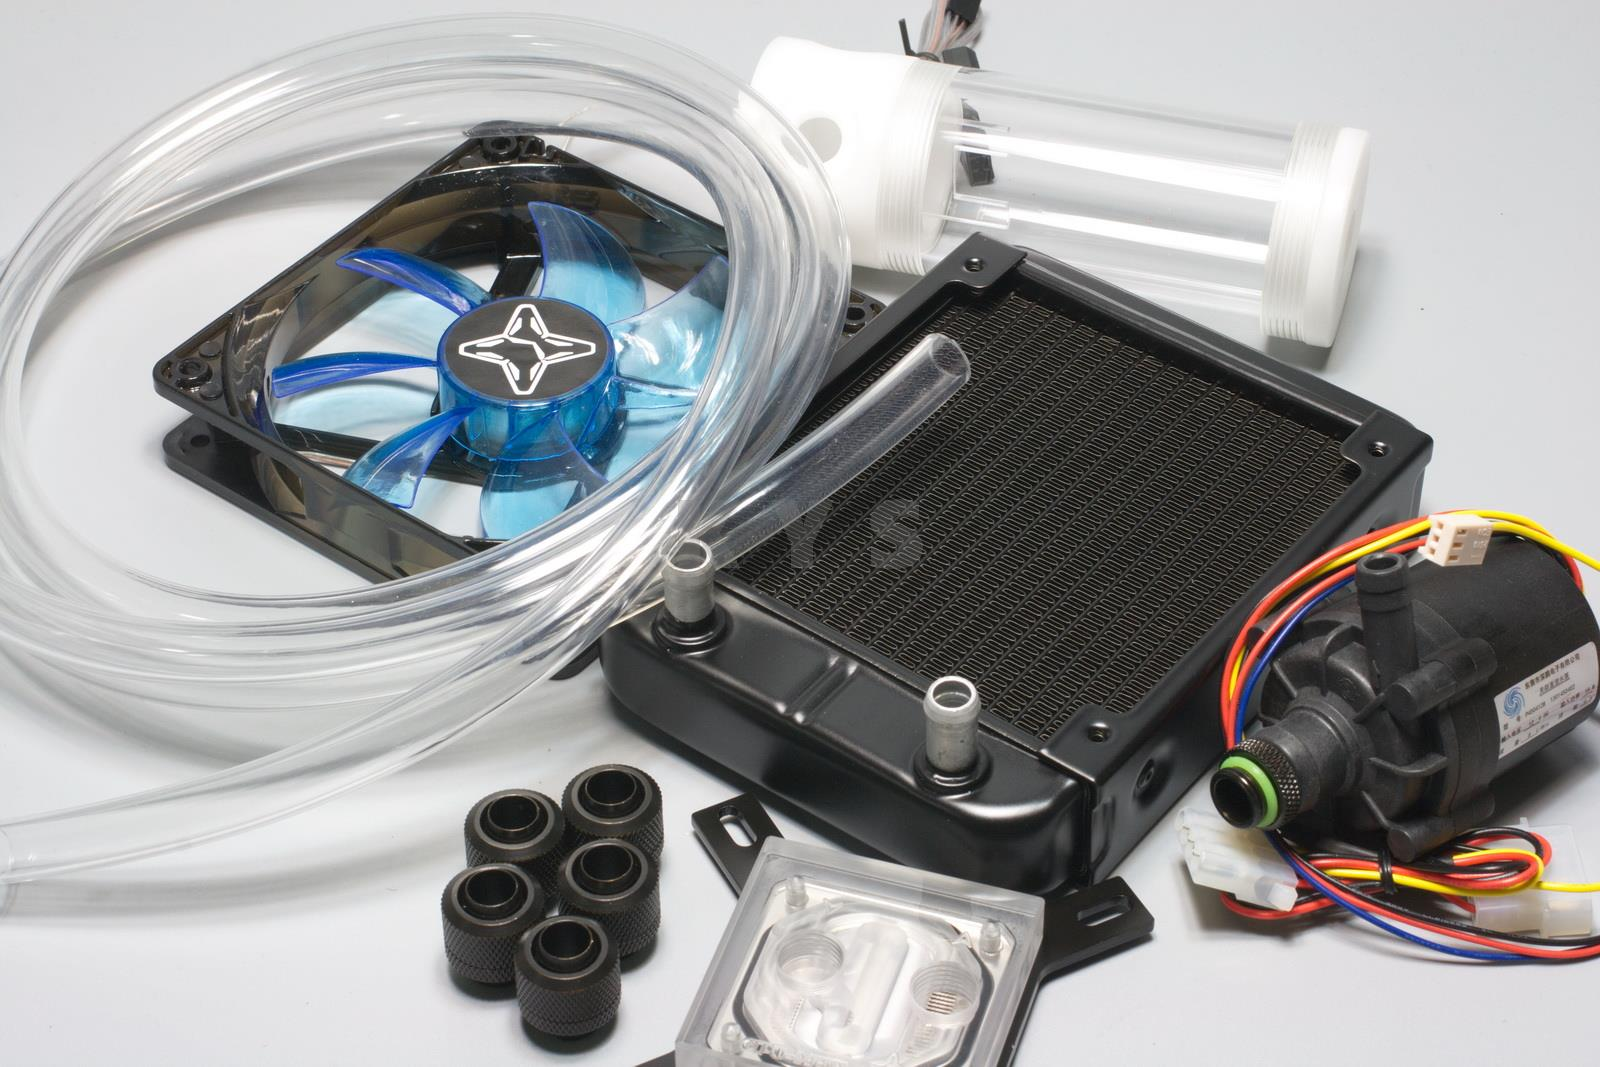 Pc pendingin air kit untuk cpu model